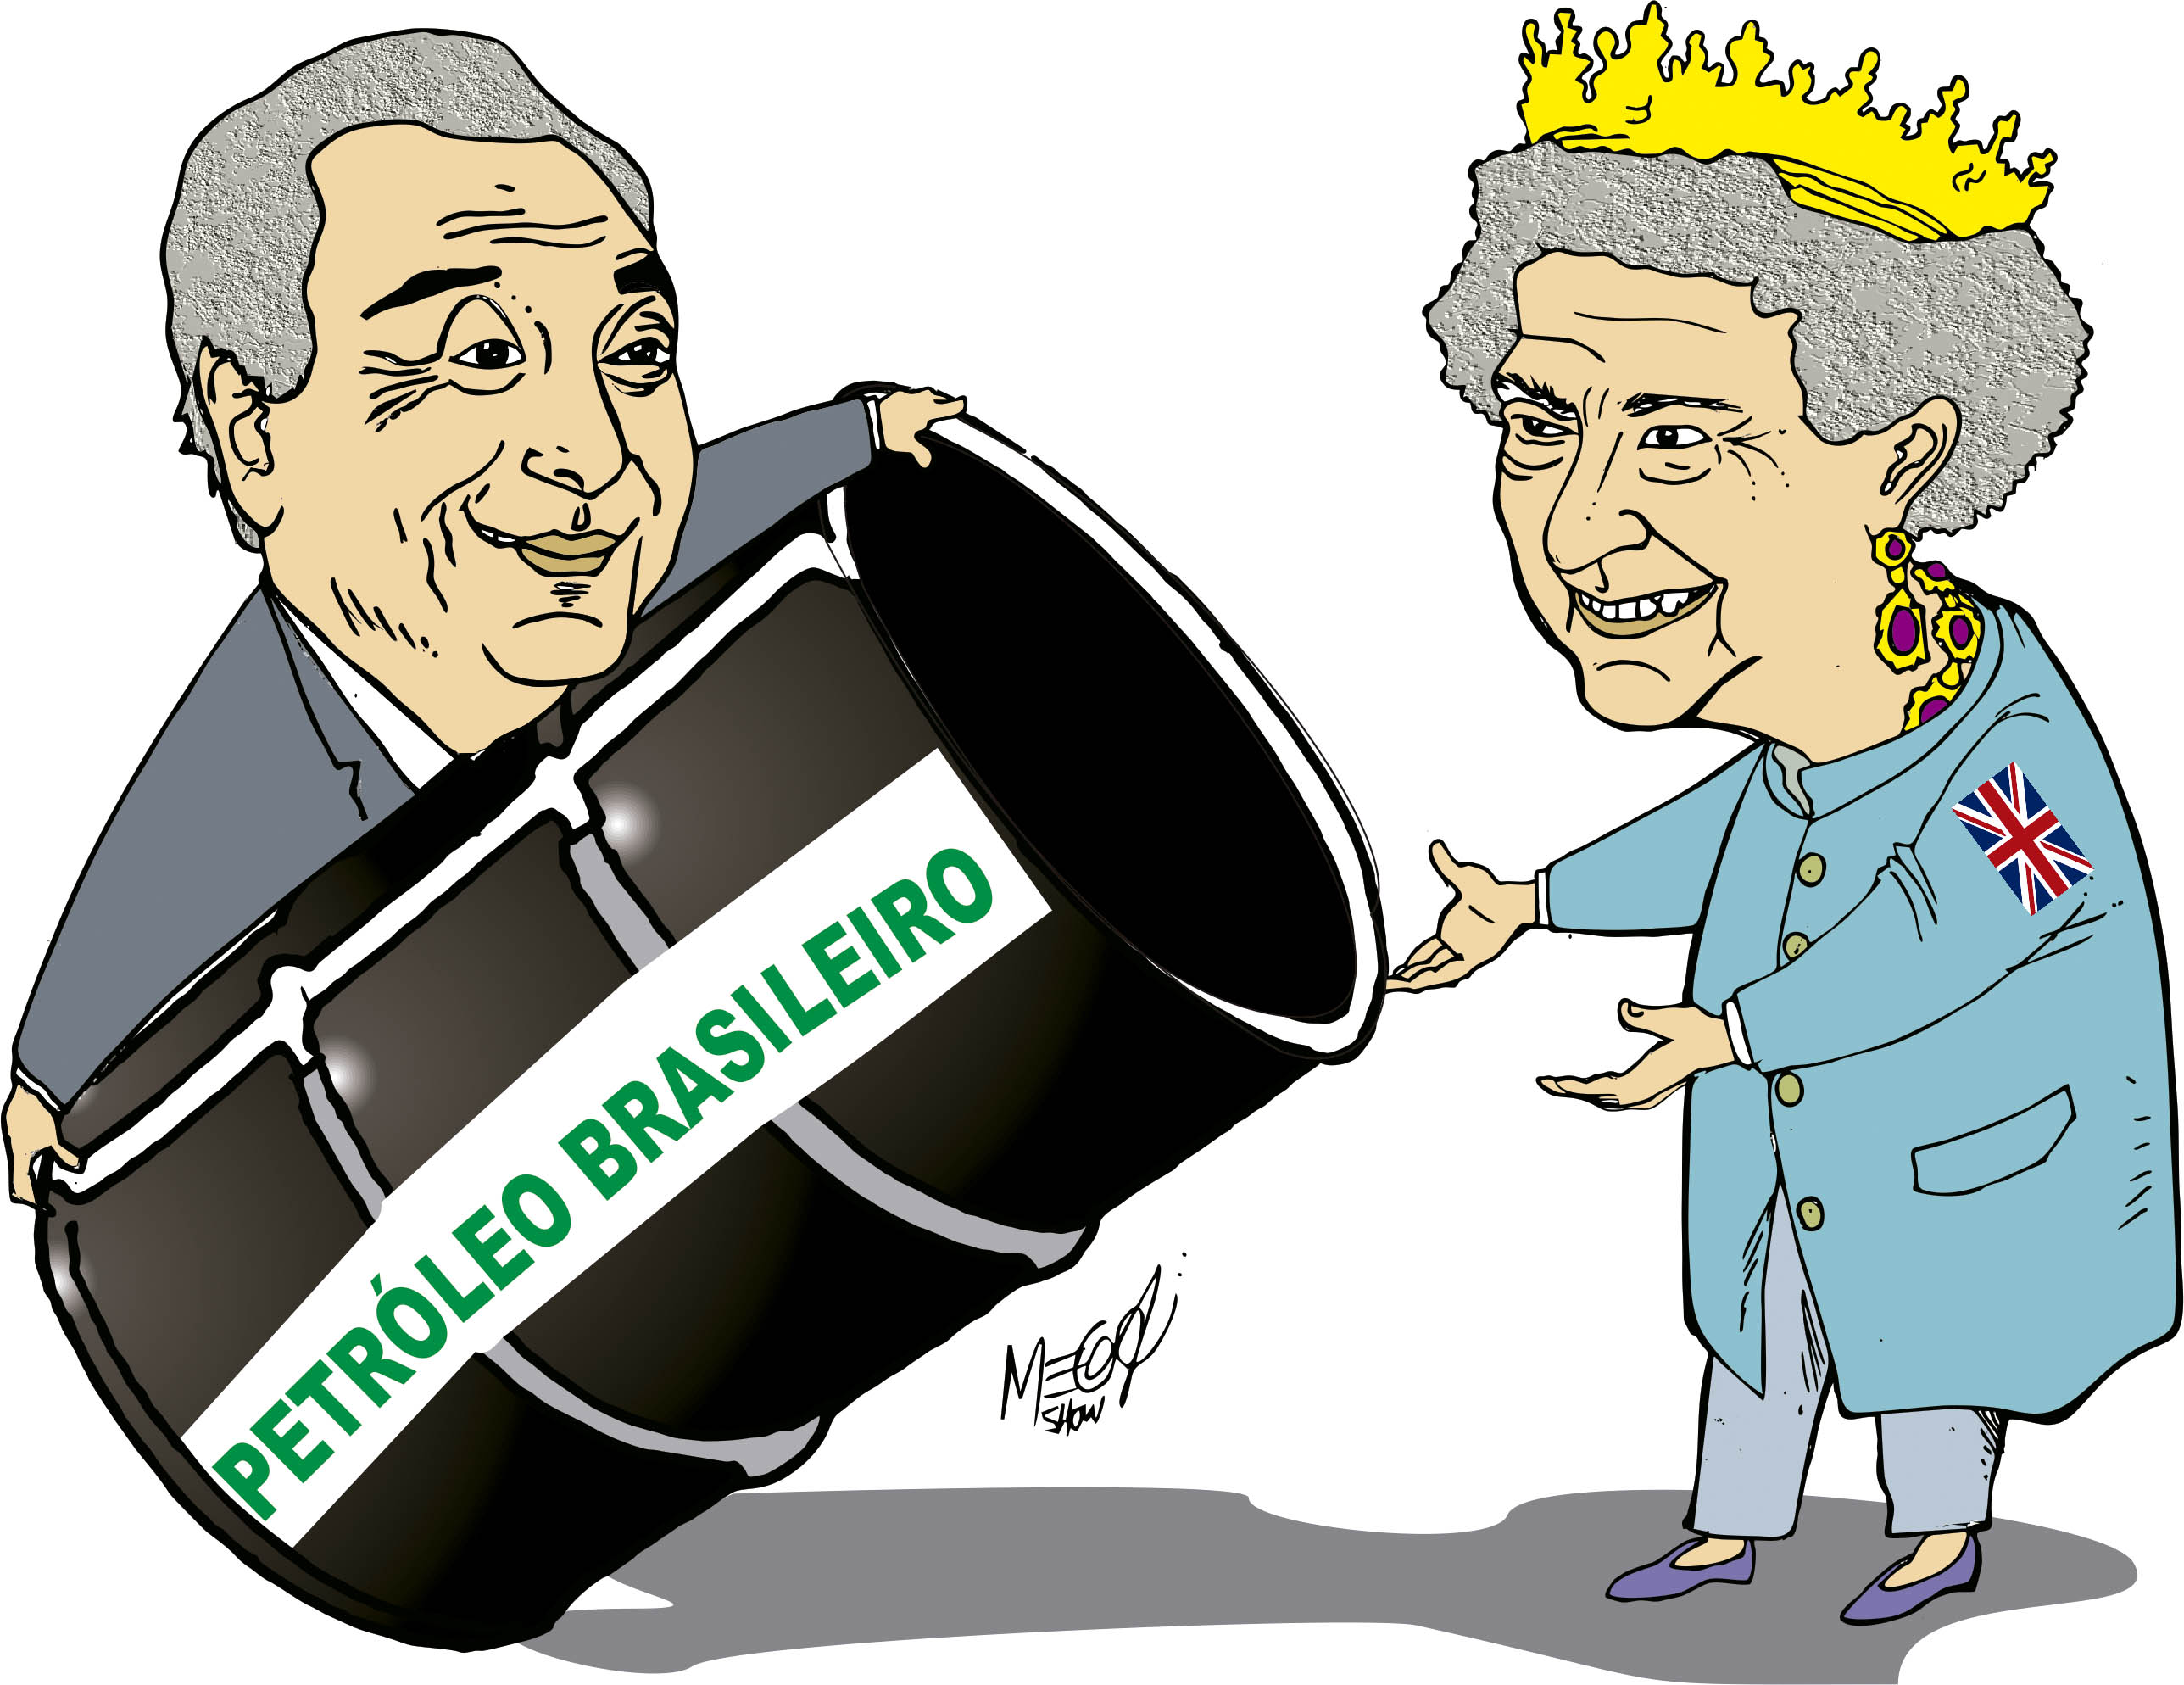 Mercado se apossa do CA da Petrobrás TEMER ENTREGANDO PARA OS BRITANICOS